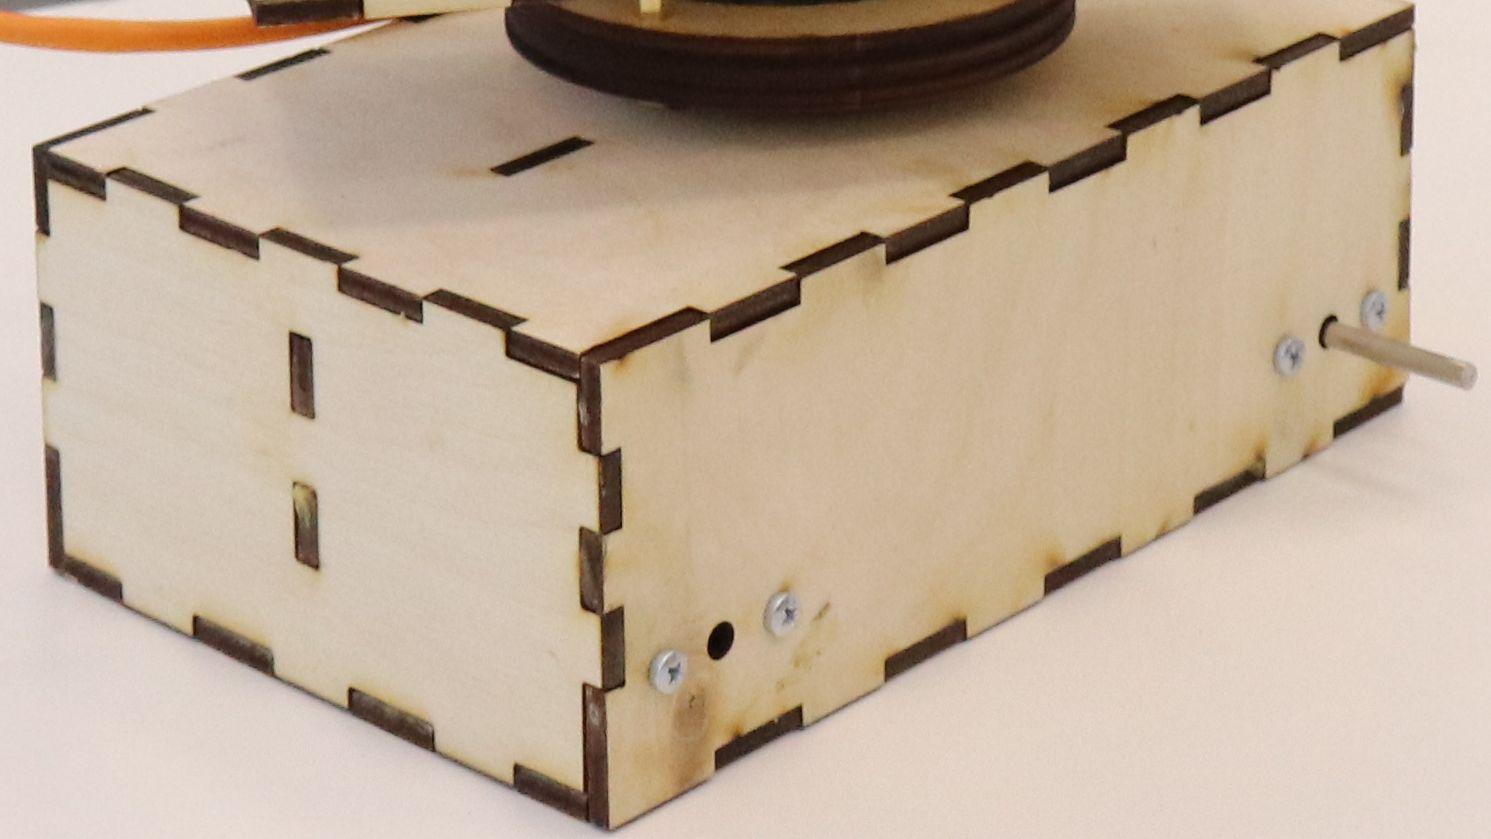 Создание подвижной платформы с поворотным устройством и изготовление рельсов